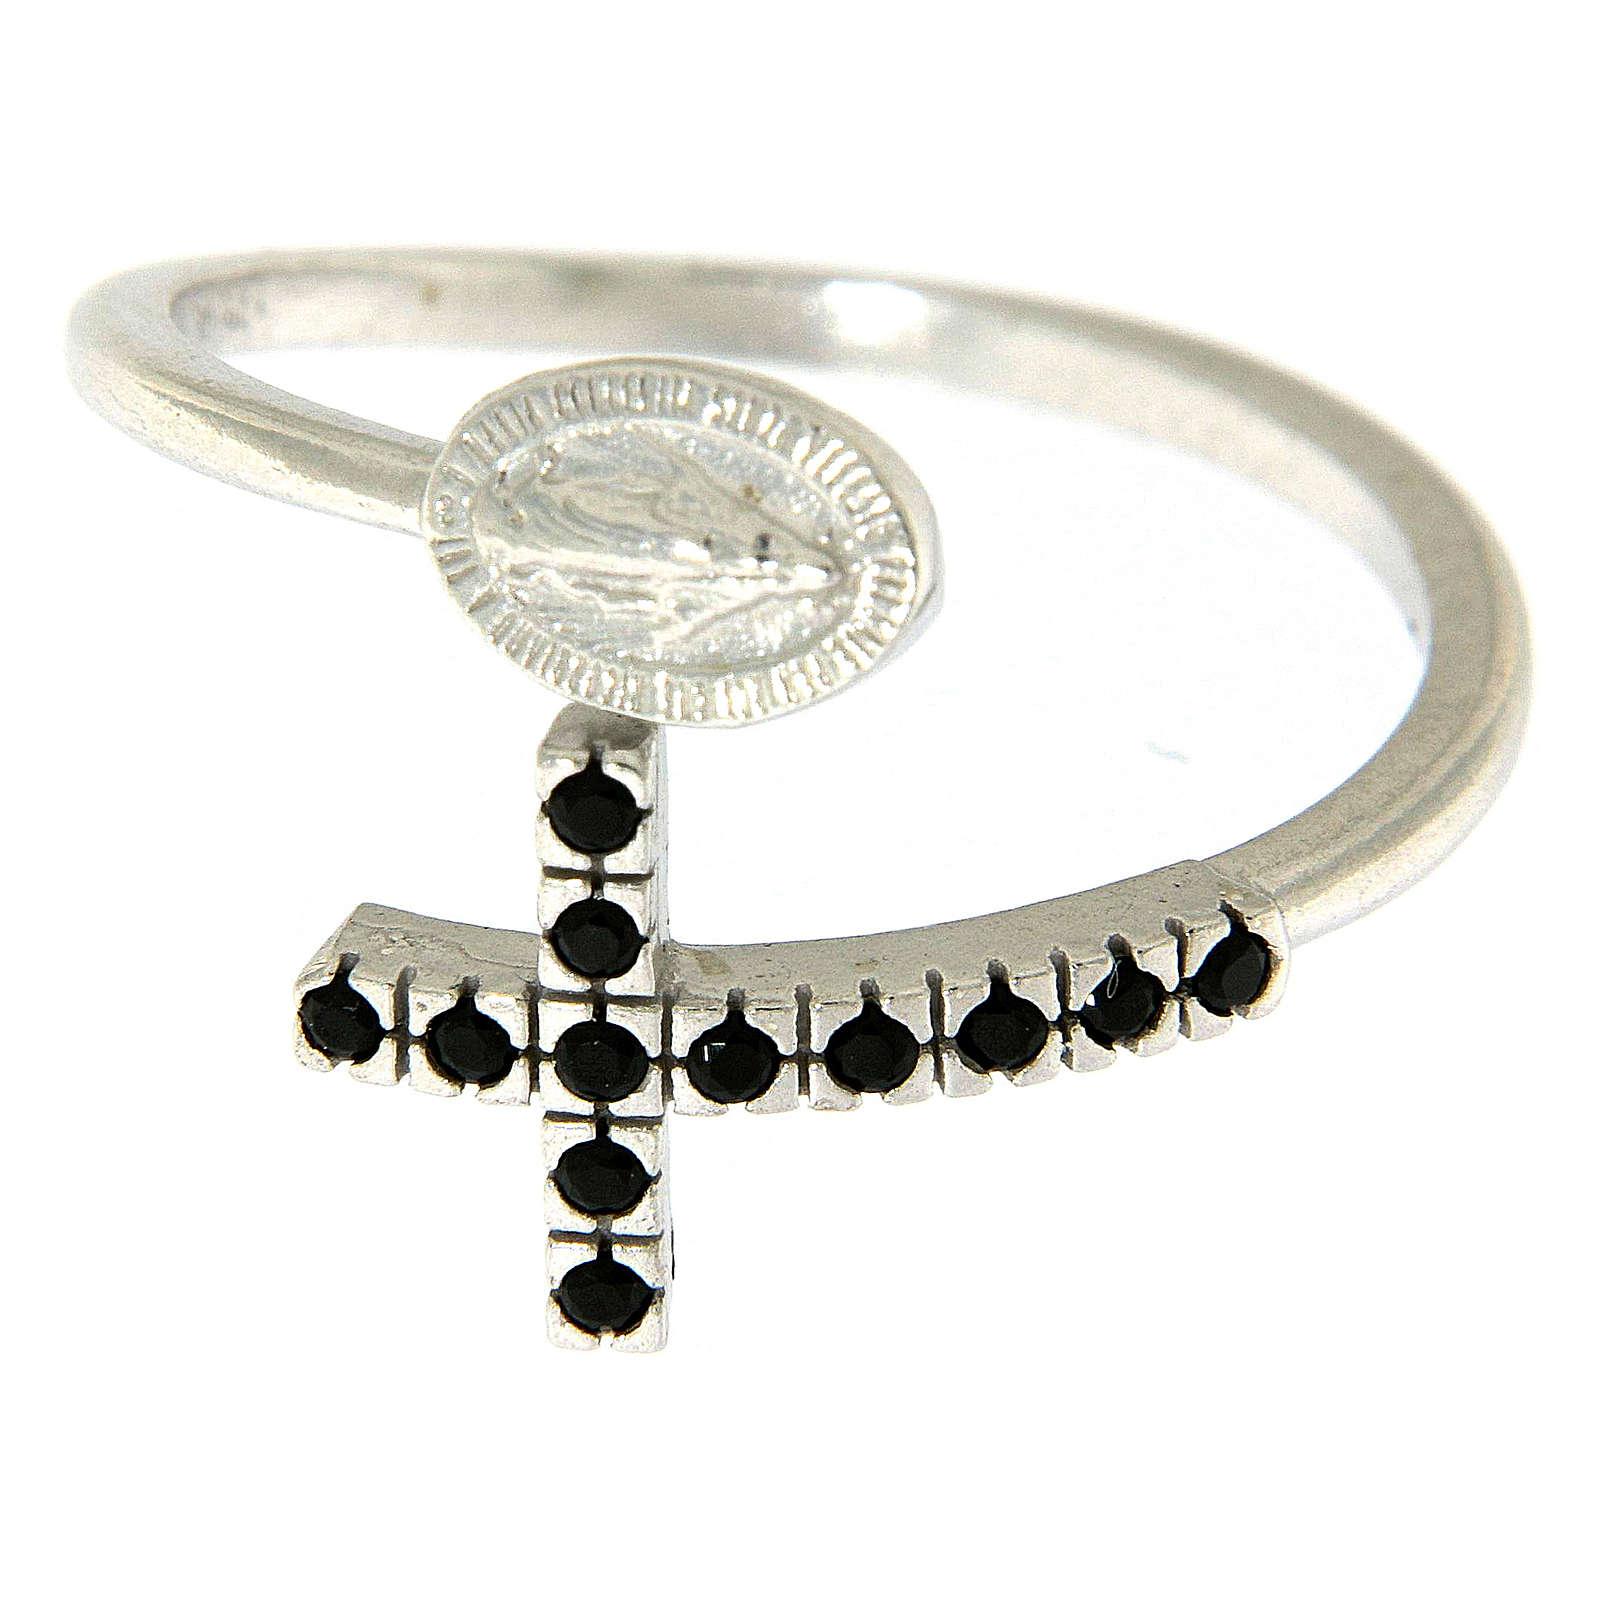 Anello argento 925 medaglia miracolosa e croce con zirconi neri 3